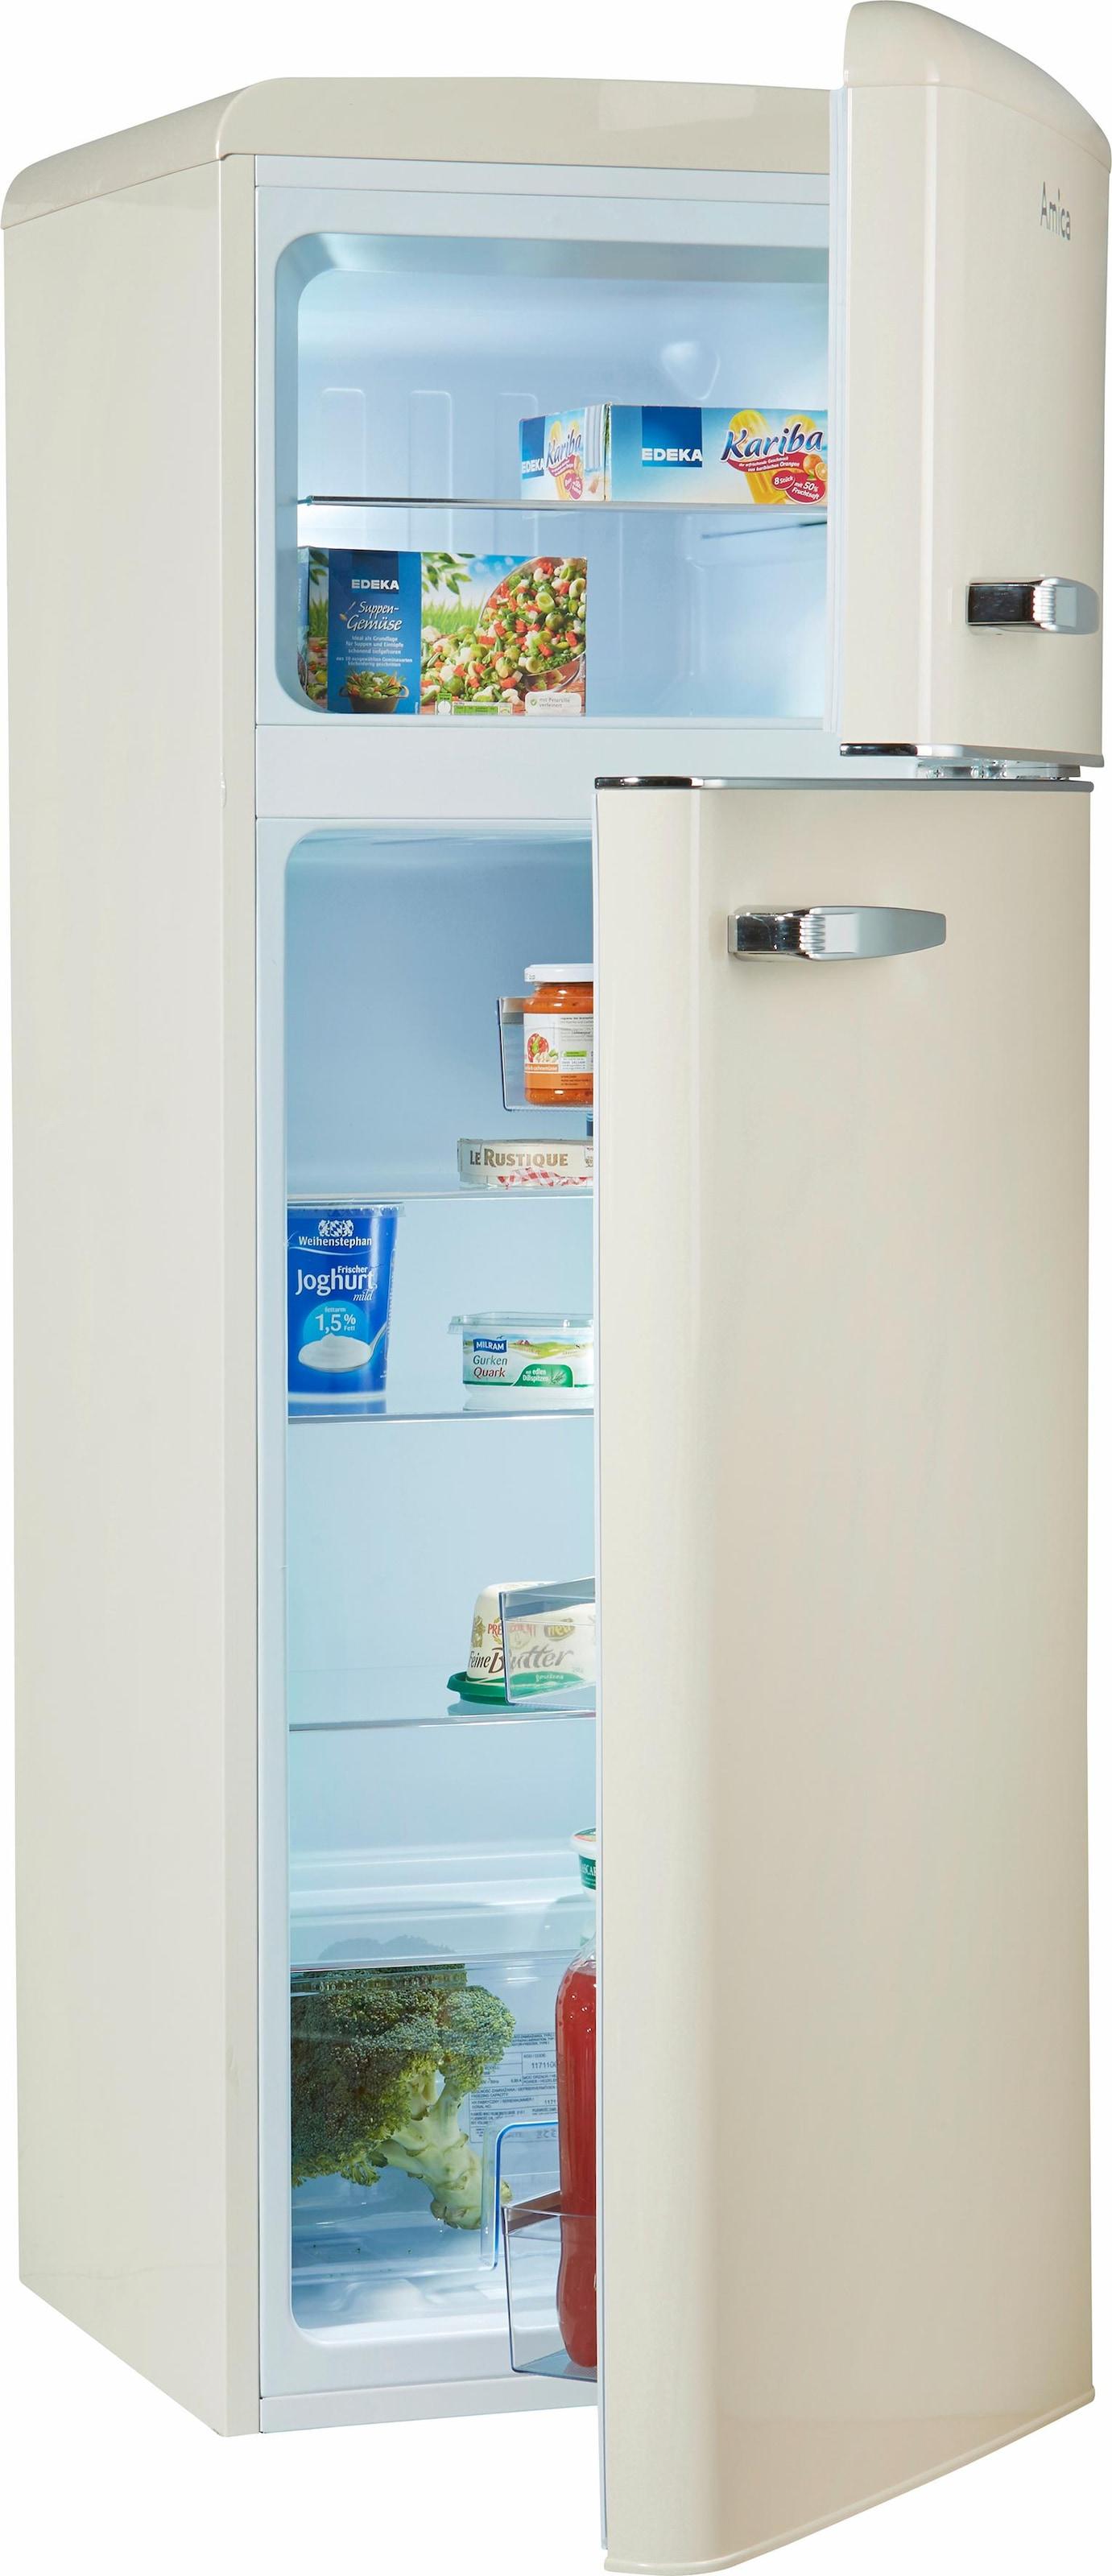 Amica Kühlschrank Retro Blau : Retro kühlschränke auf rechnung raten kaufen baur